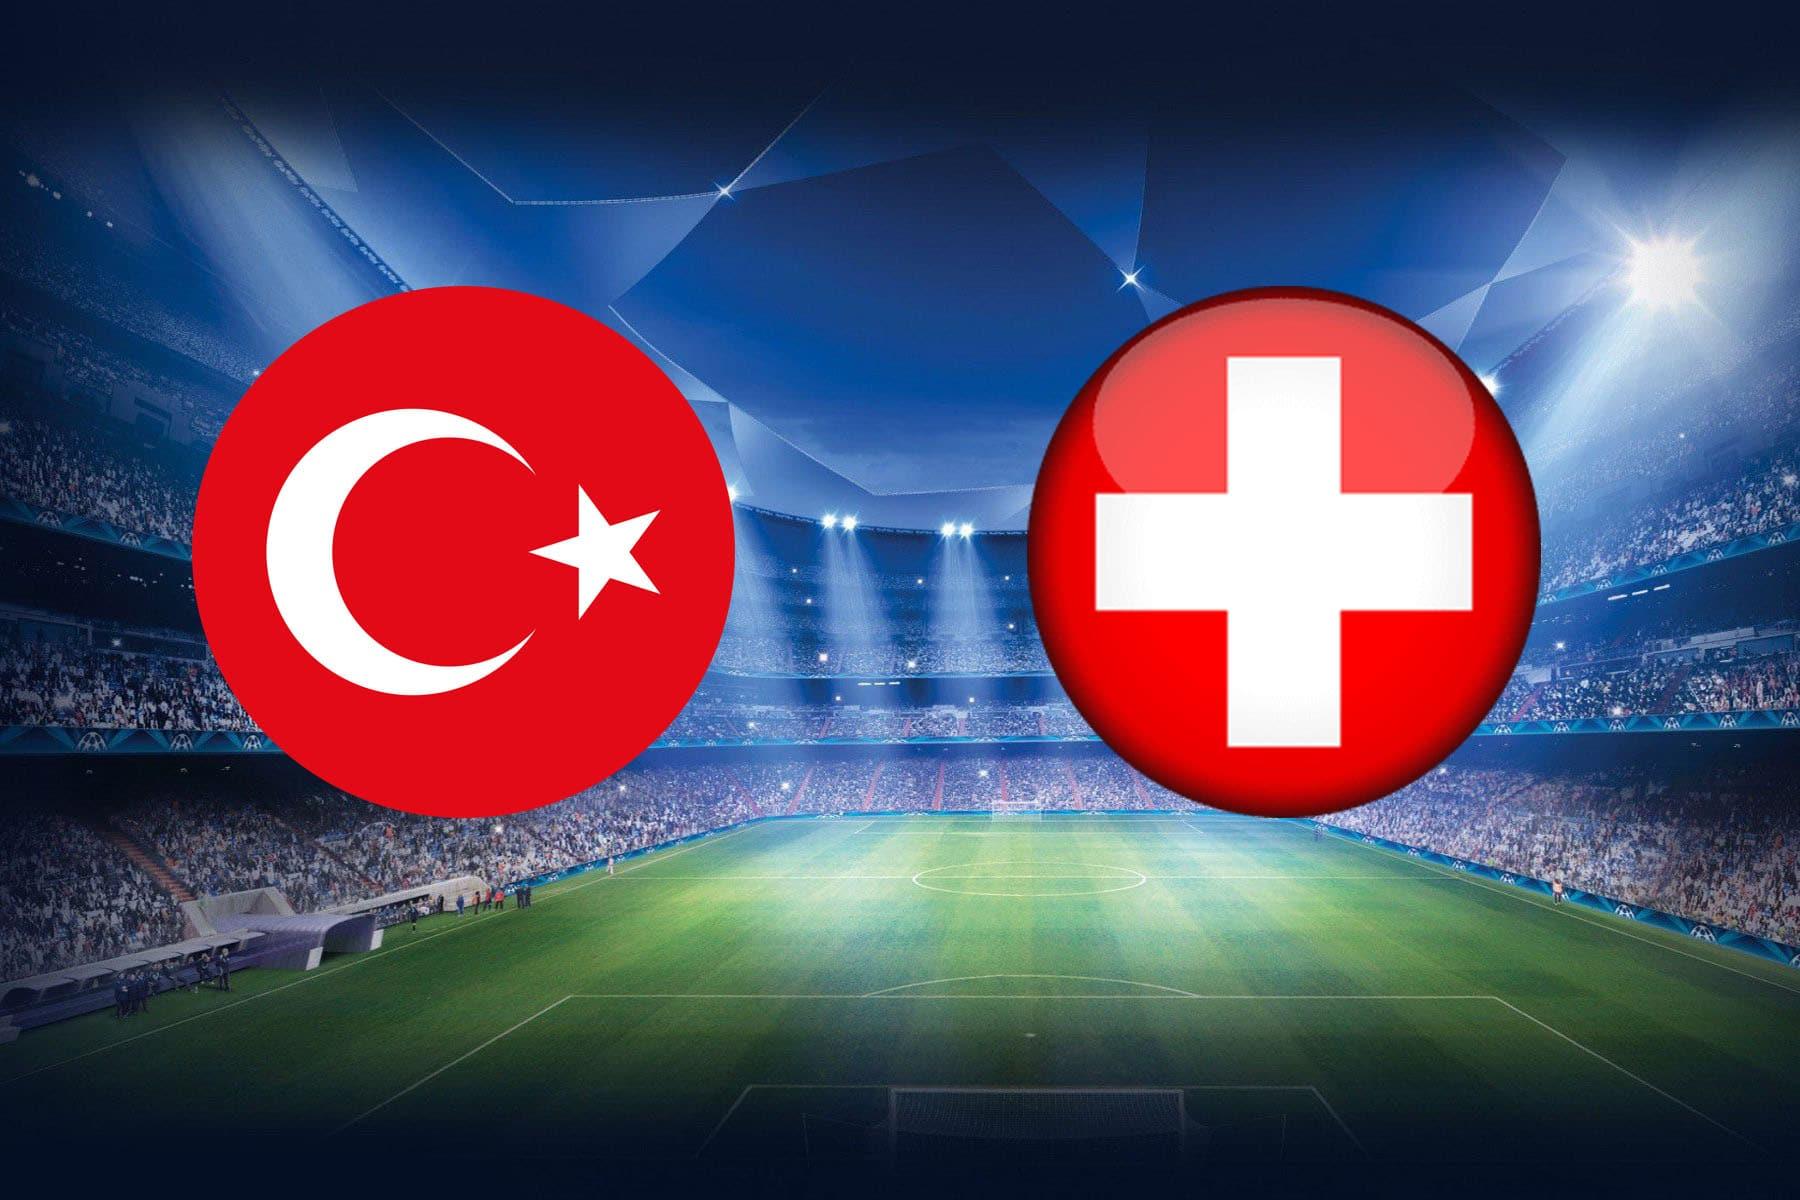 موعد مباراة تركيا وسويسرا اليوم في اليورو والقنوات الناقلة